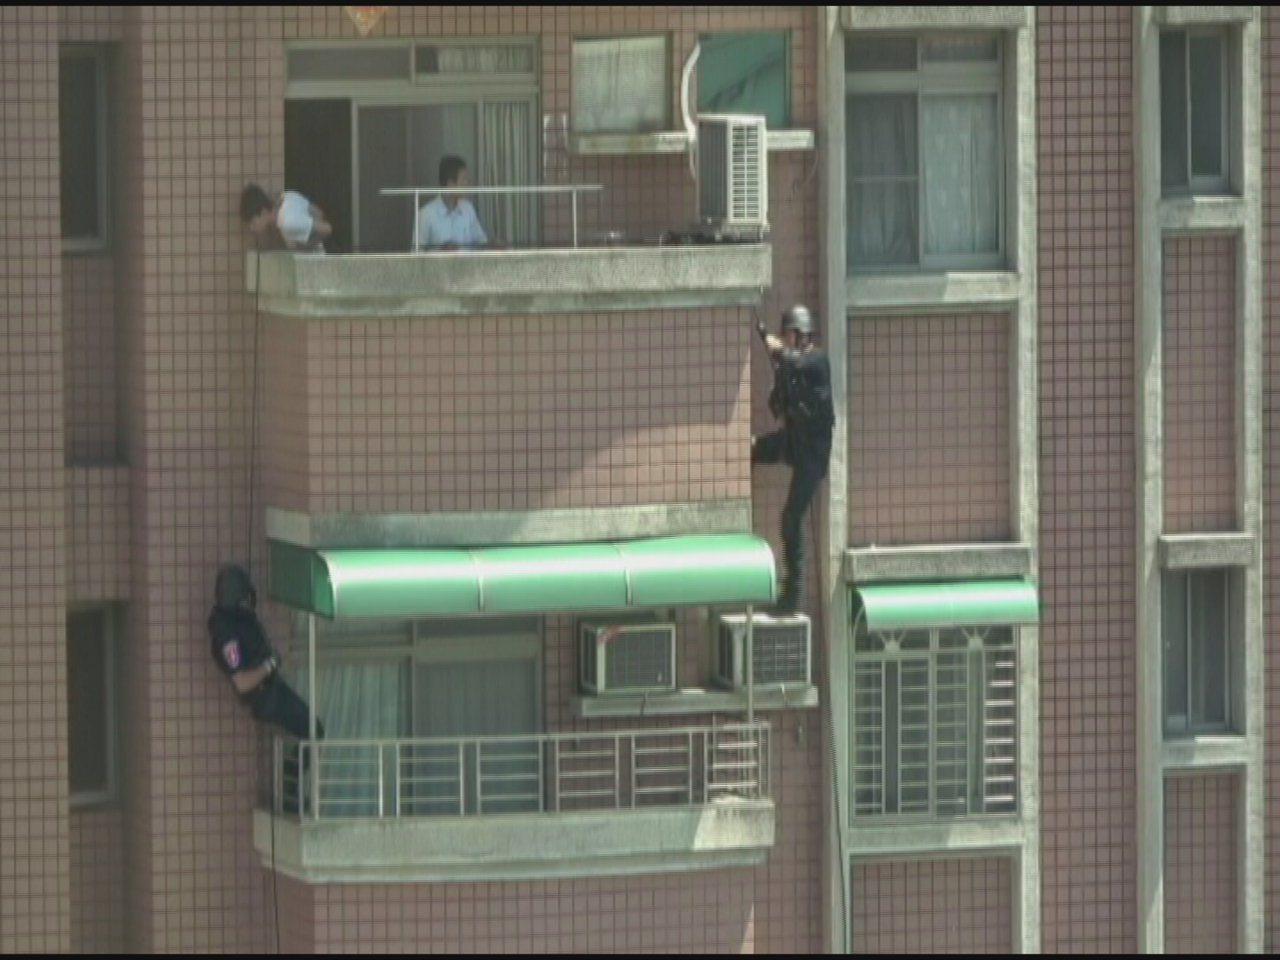 刑事局偵三大隊今天在嘉義西區一處大樓攻堅逮捕2人到案,將帶回偵訊釐清案情。照片刑...